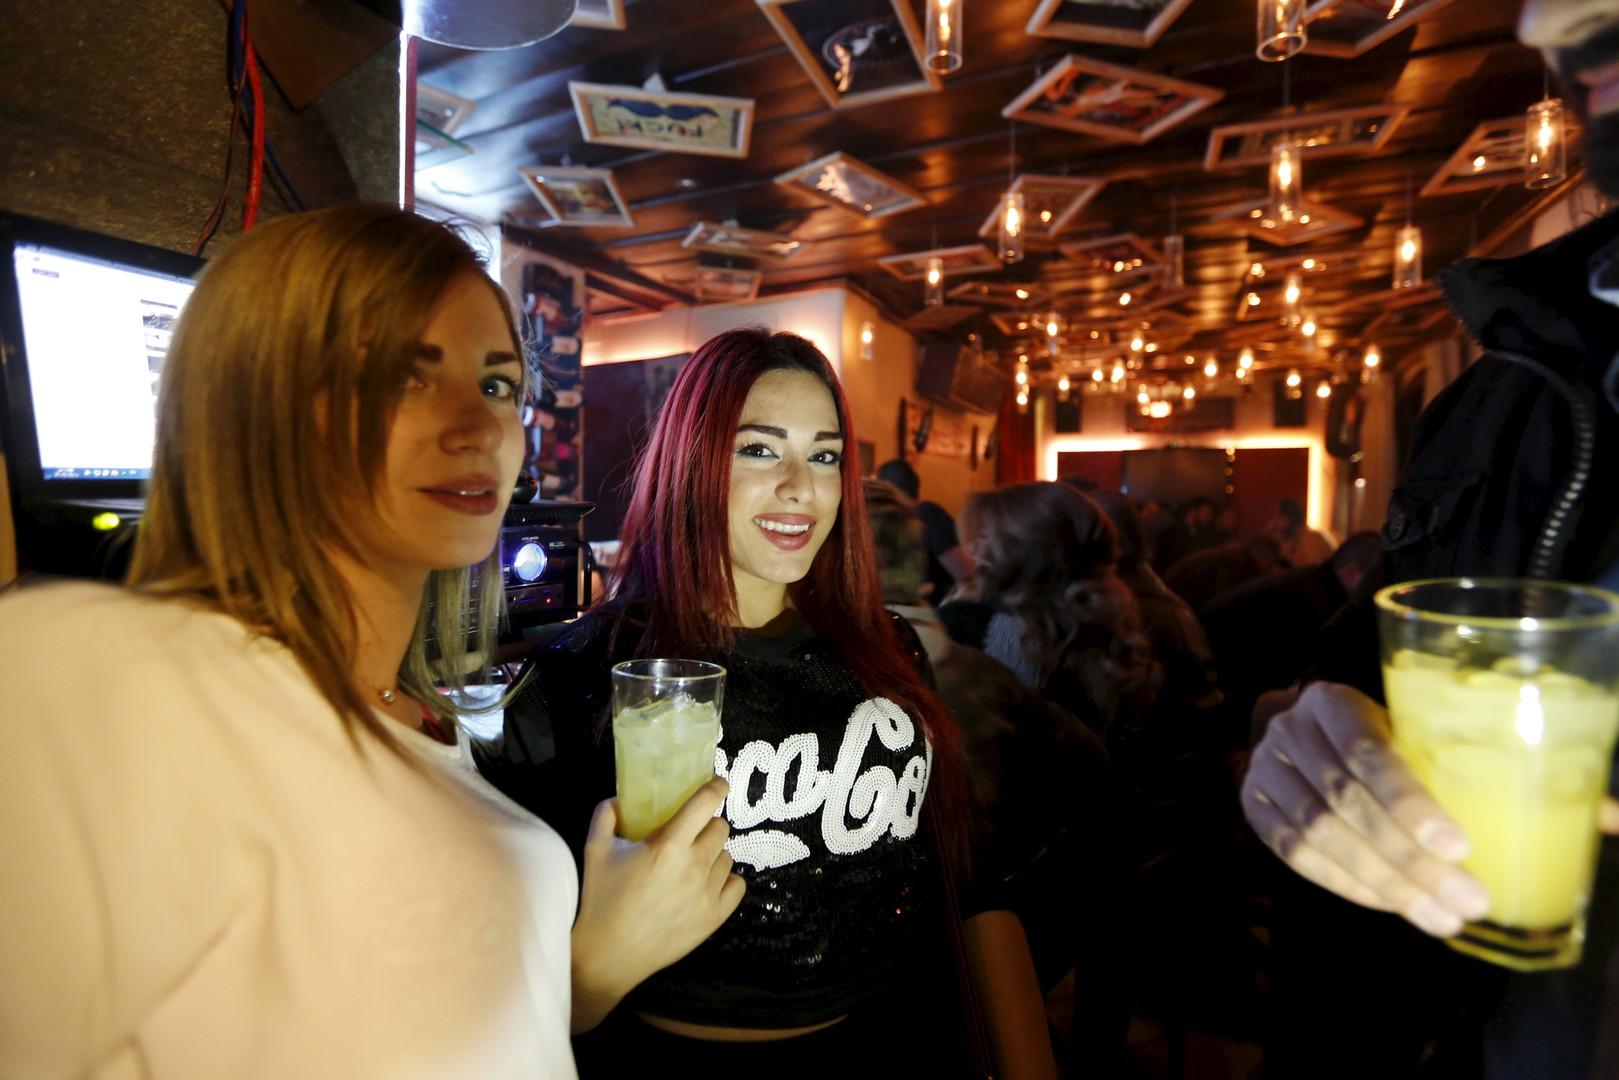 """So feiert man in der Bar """"80's"""". Damaskus, 11. März 2016"""